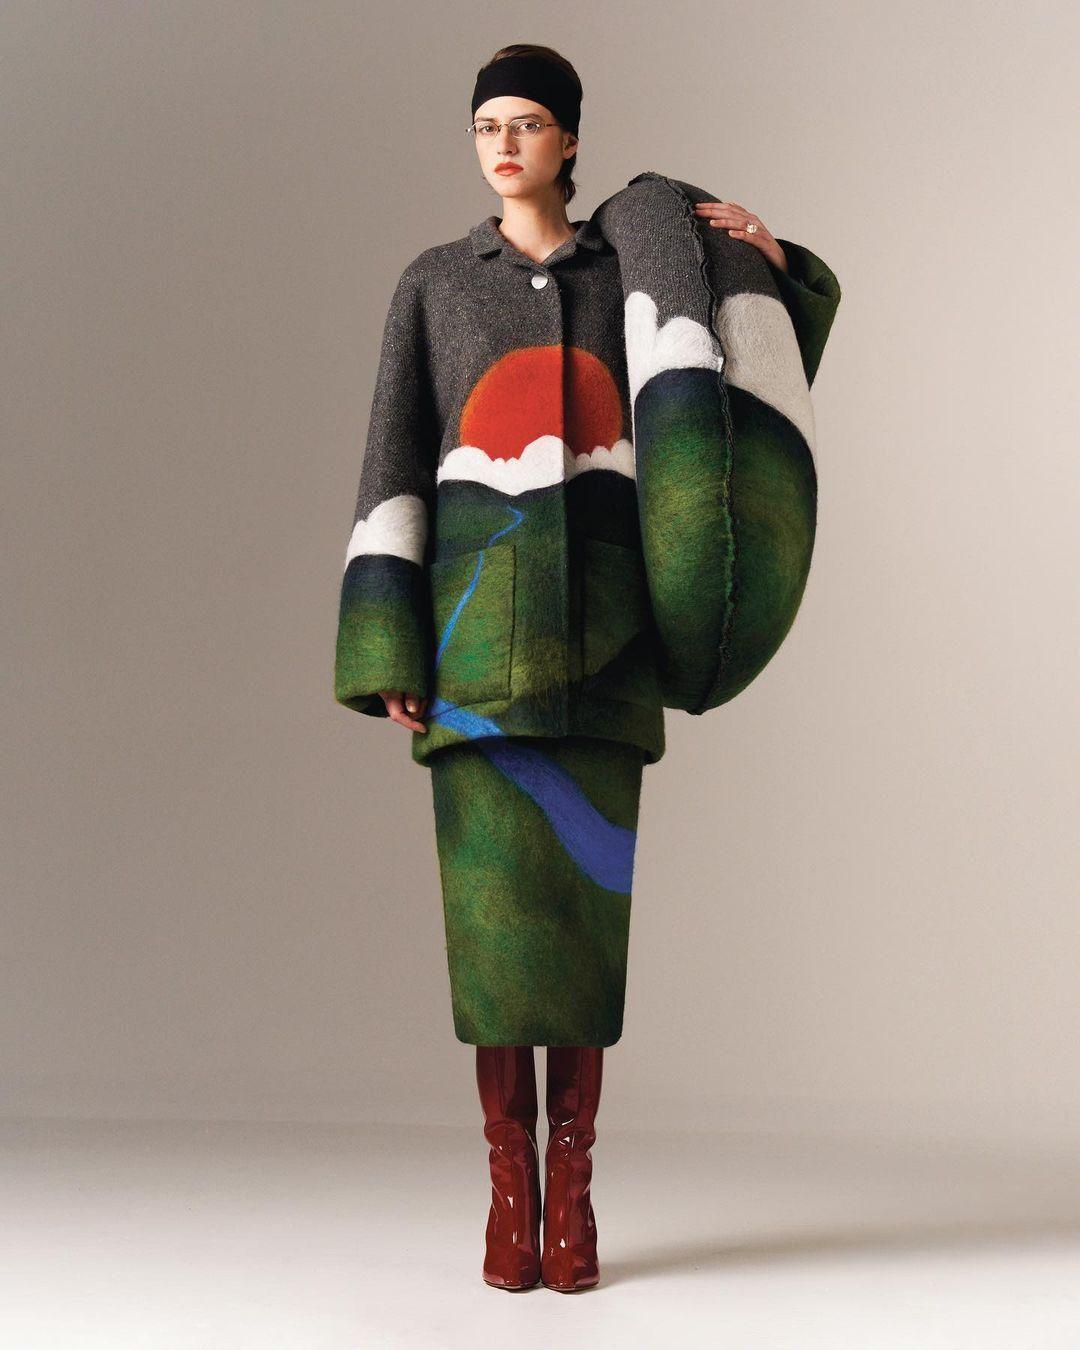 Conner Ives ruhatervező The American Dream című kollekciójának egyik darabja